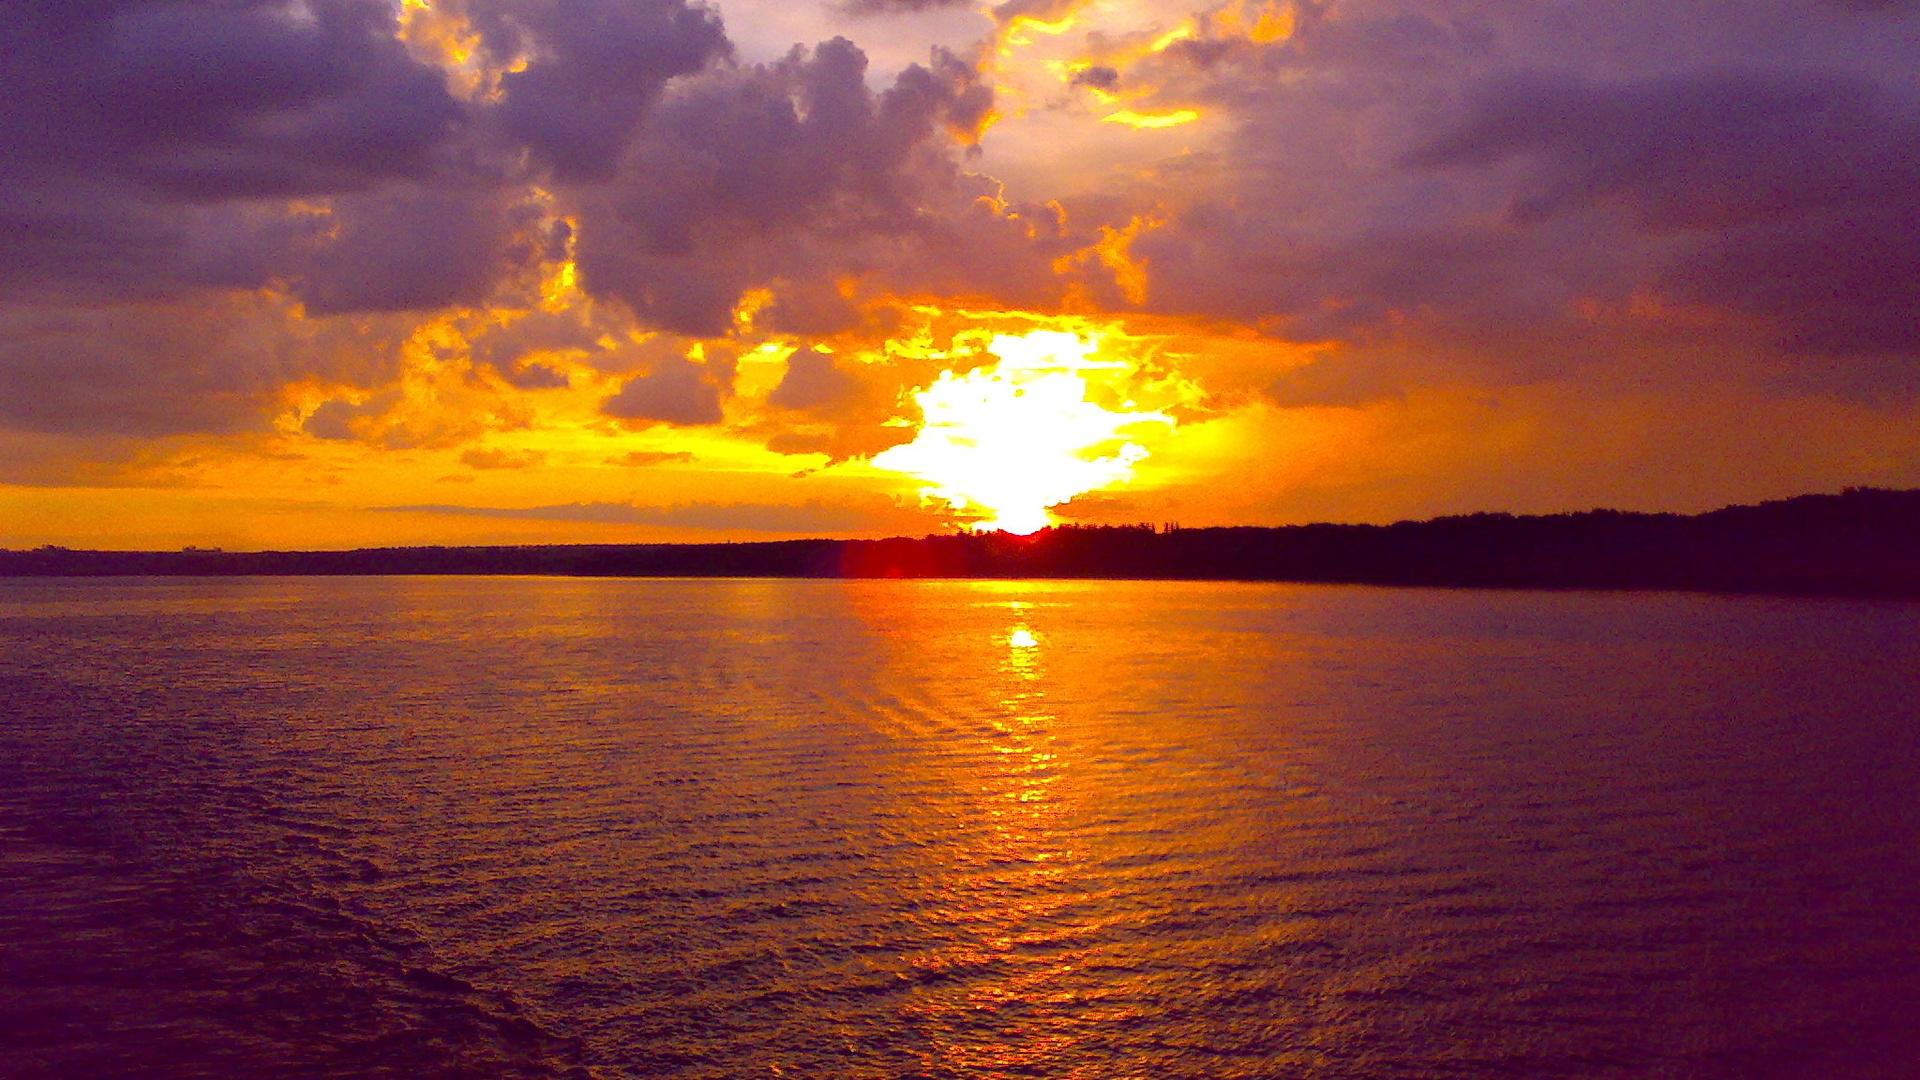 Ocean Sunset wallpaper 223911 1920x1080